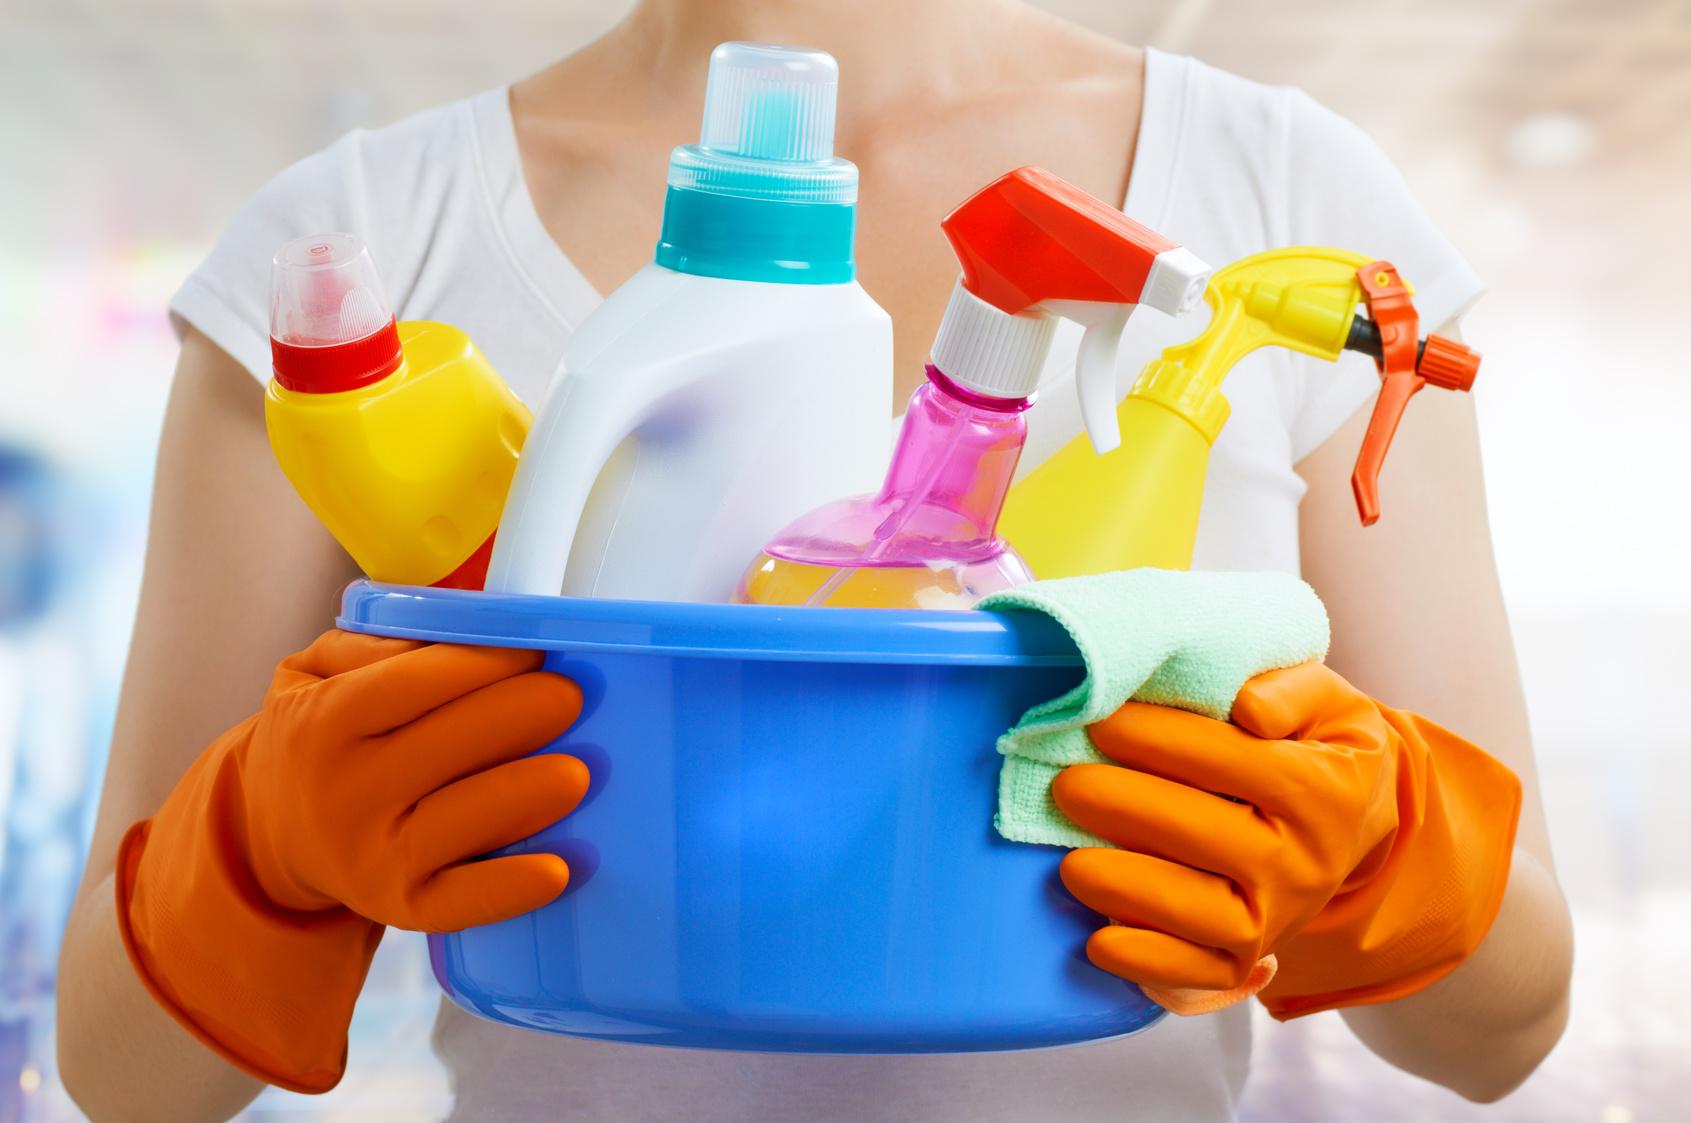 Izdelki za čiščenje in shranjevanje